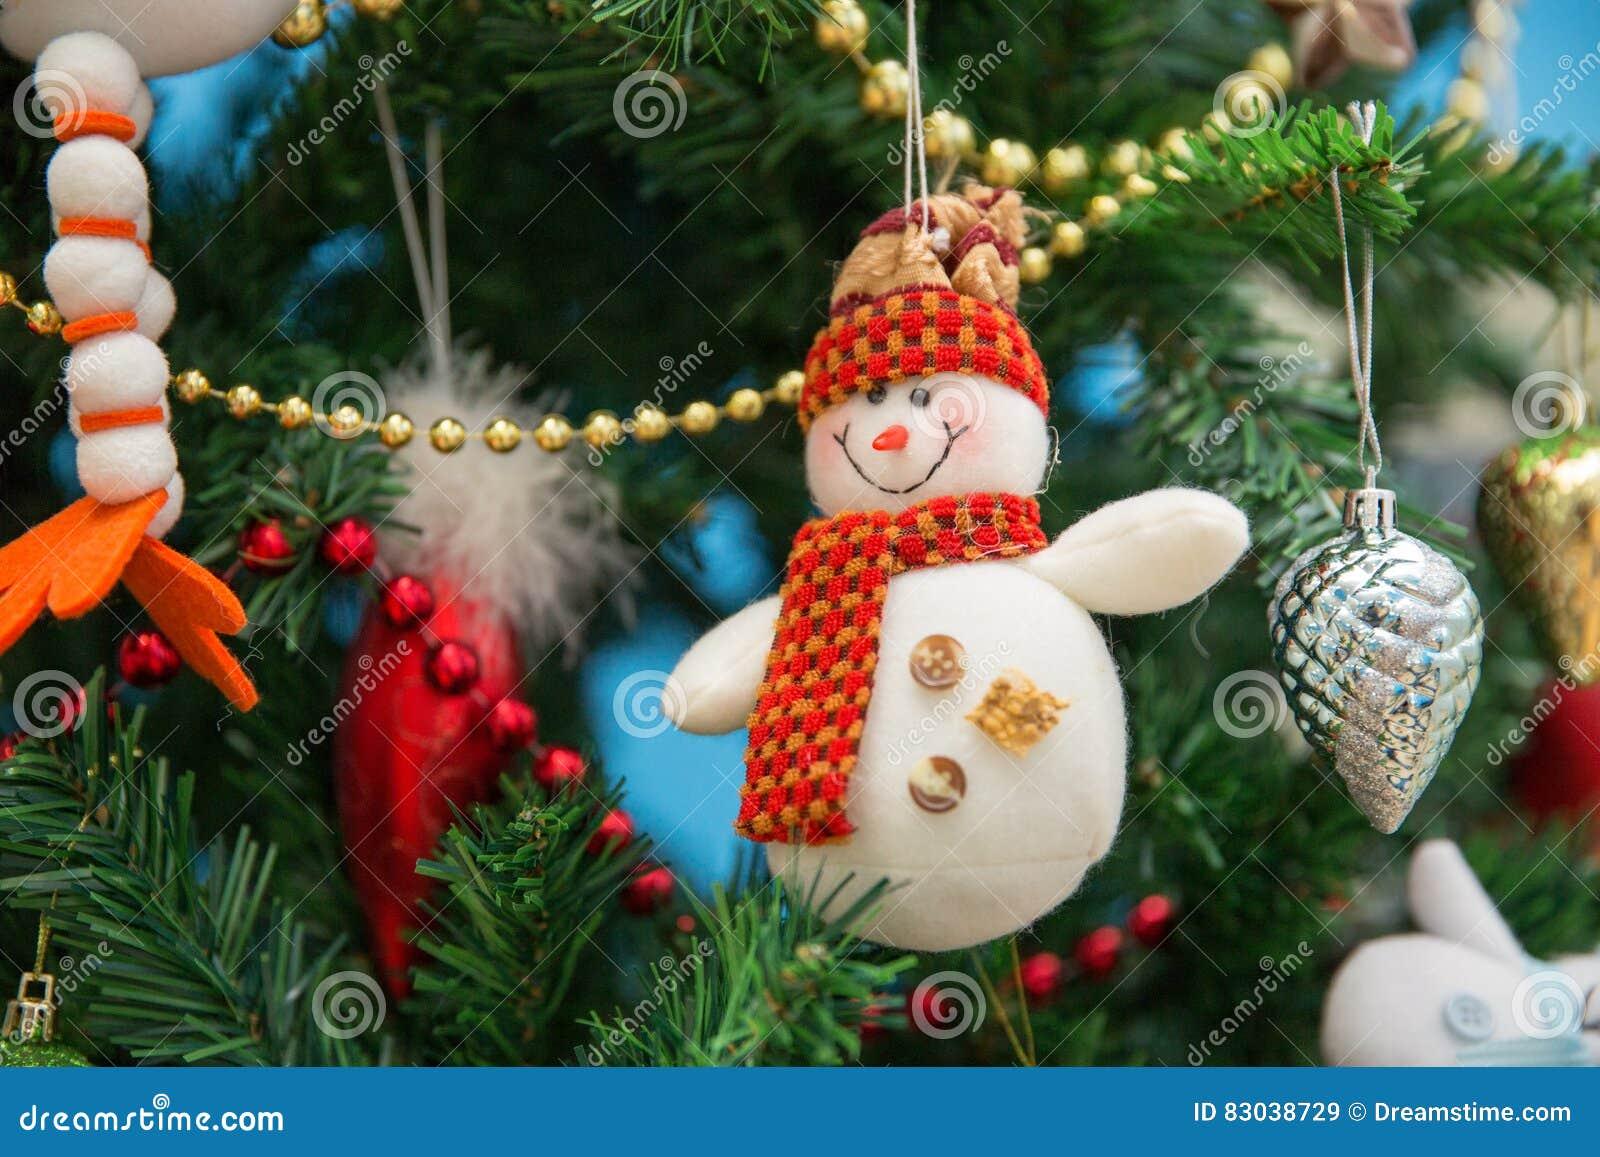 Sneeuwman op een feestelijke Kerstboom